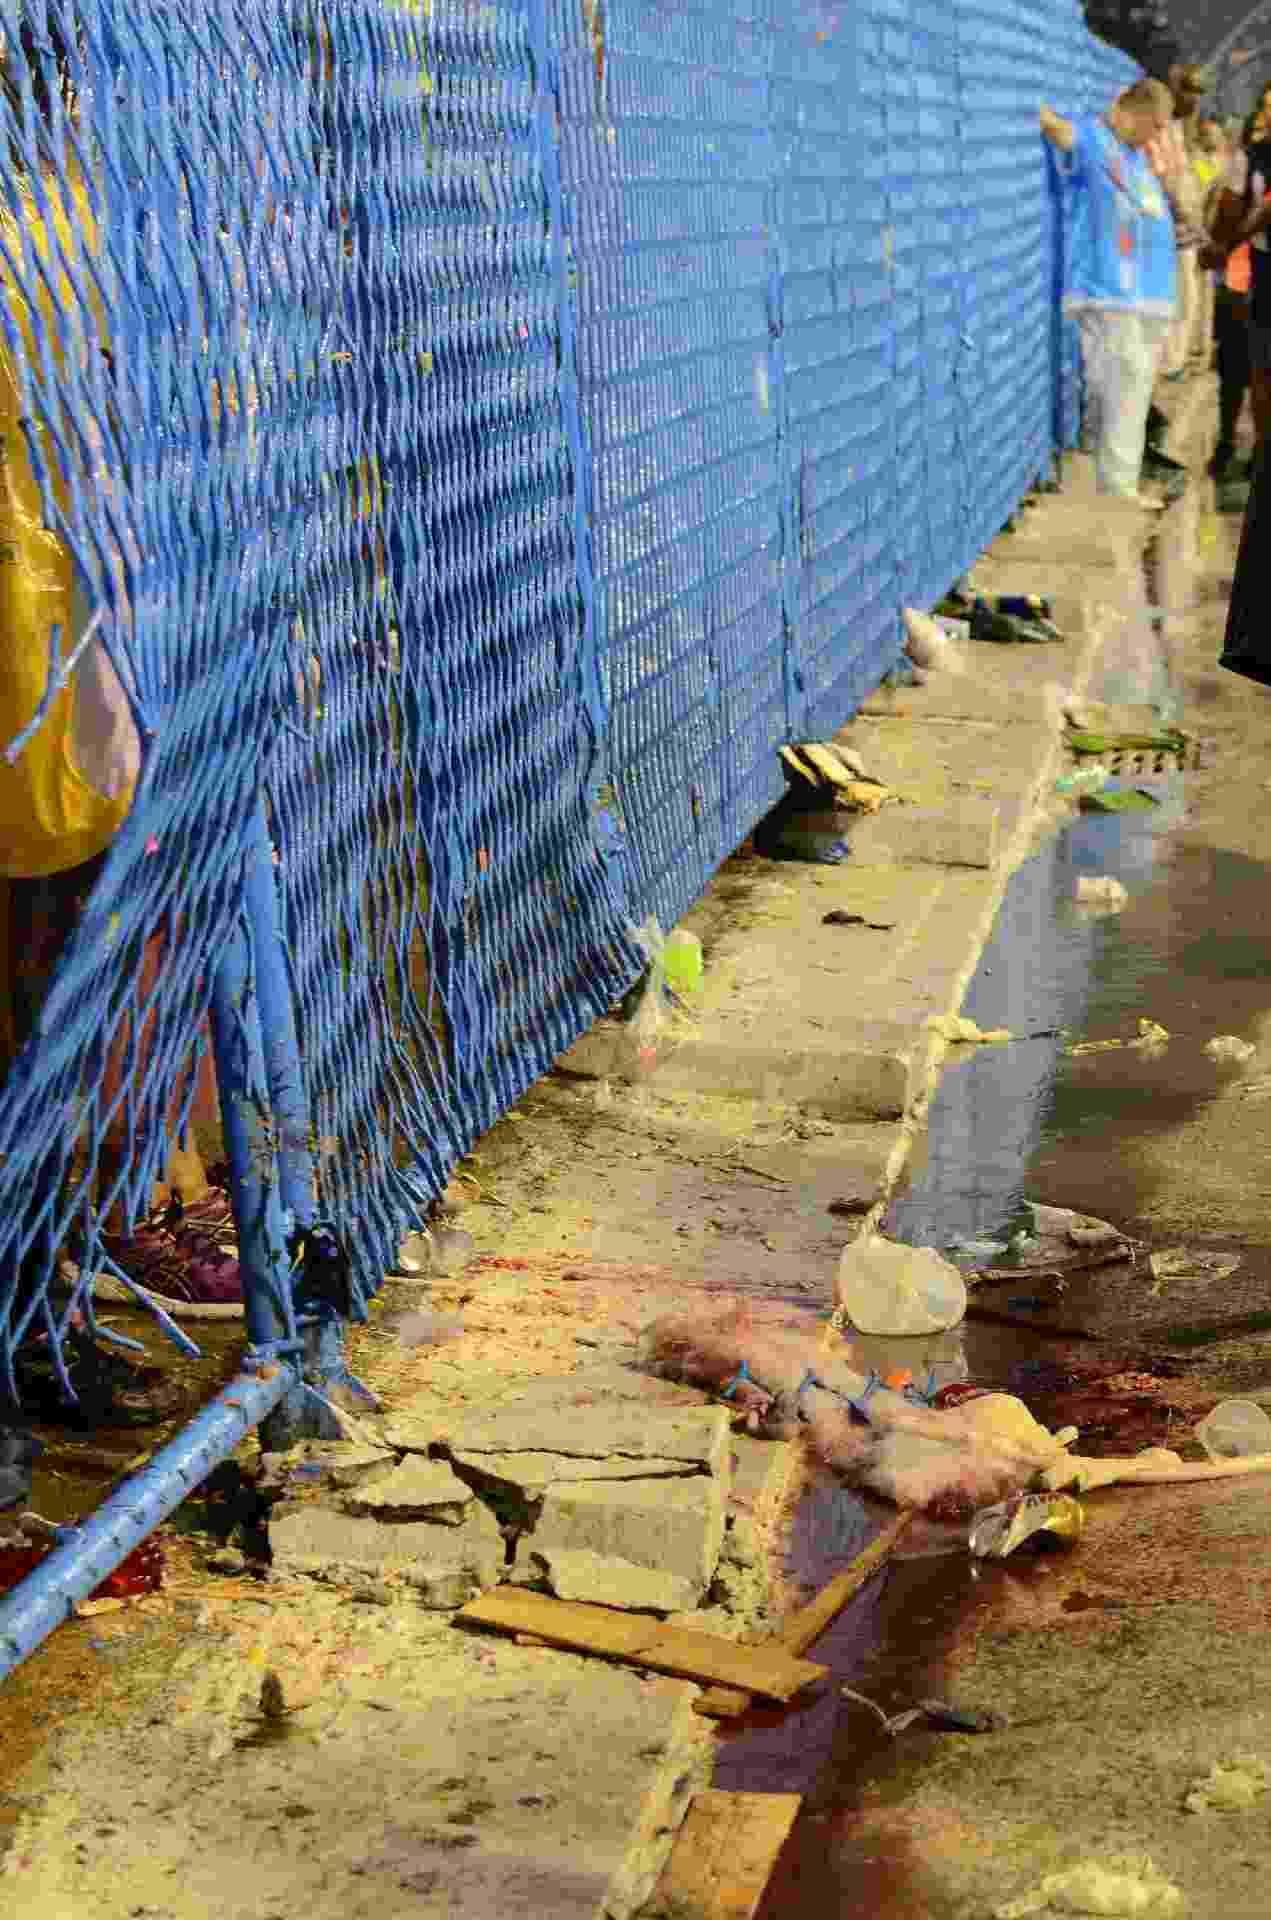 Acidente com o carro da Paraíso do Tuiuti, na Sapucaí, deixa feridos. Uma das vítimas teve fratura exposta, segundo a TV - Thiago Ribeiro/Framephoto/Estadão Conteúdo